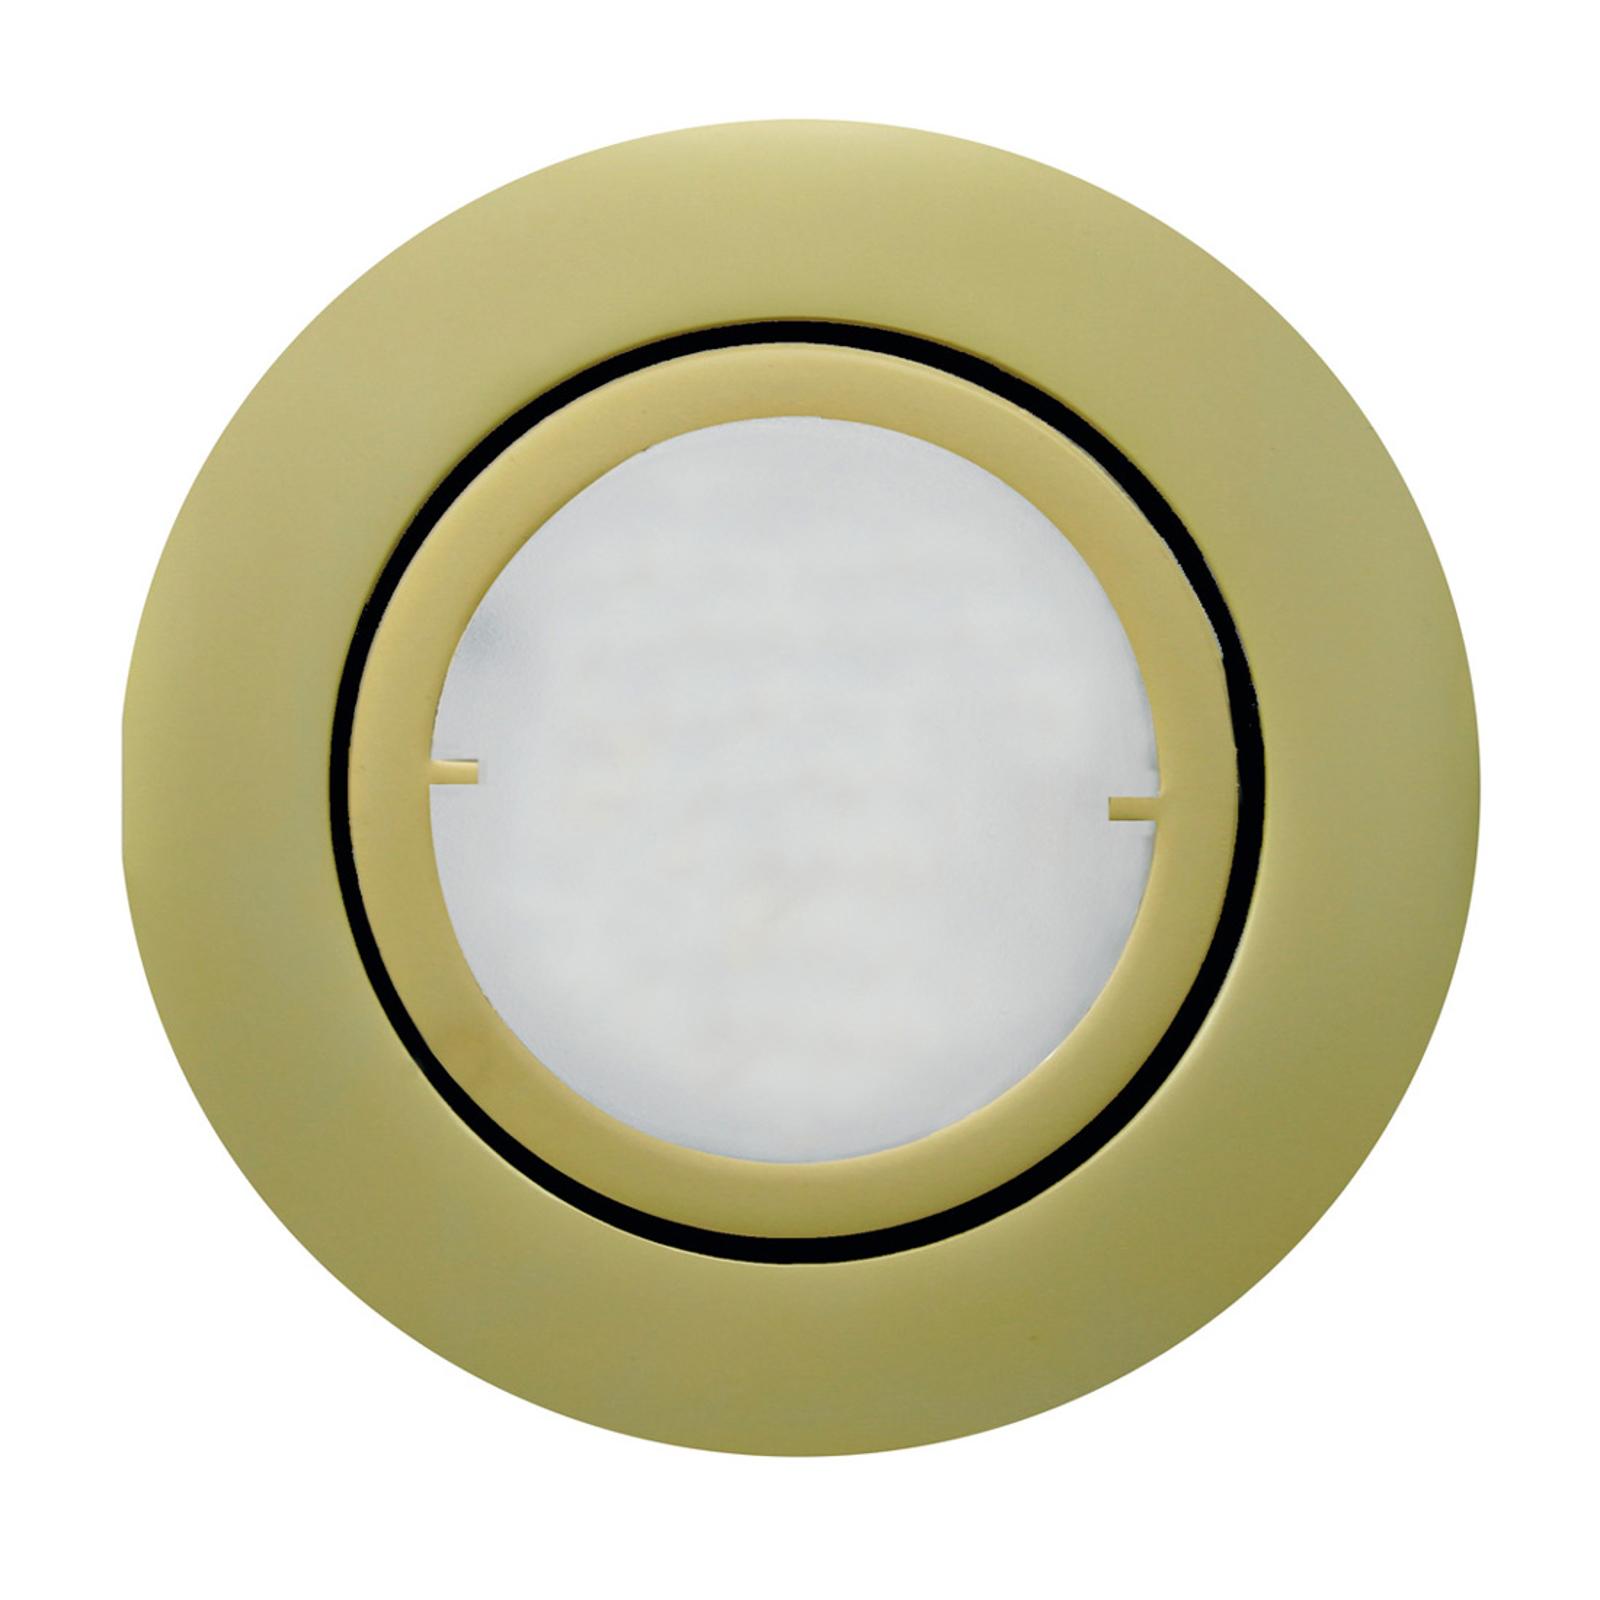 Lampe encastrable LED Joanie doré mat